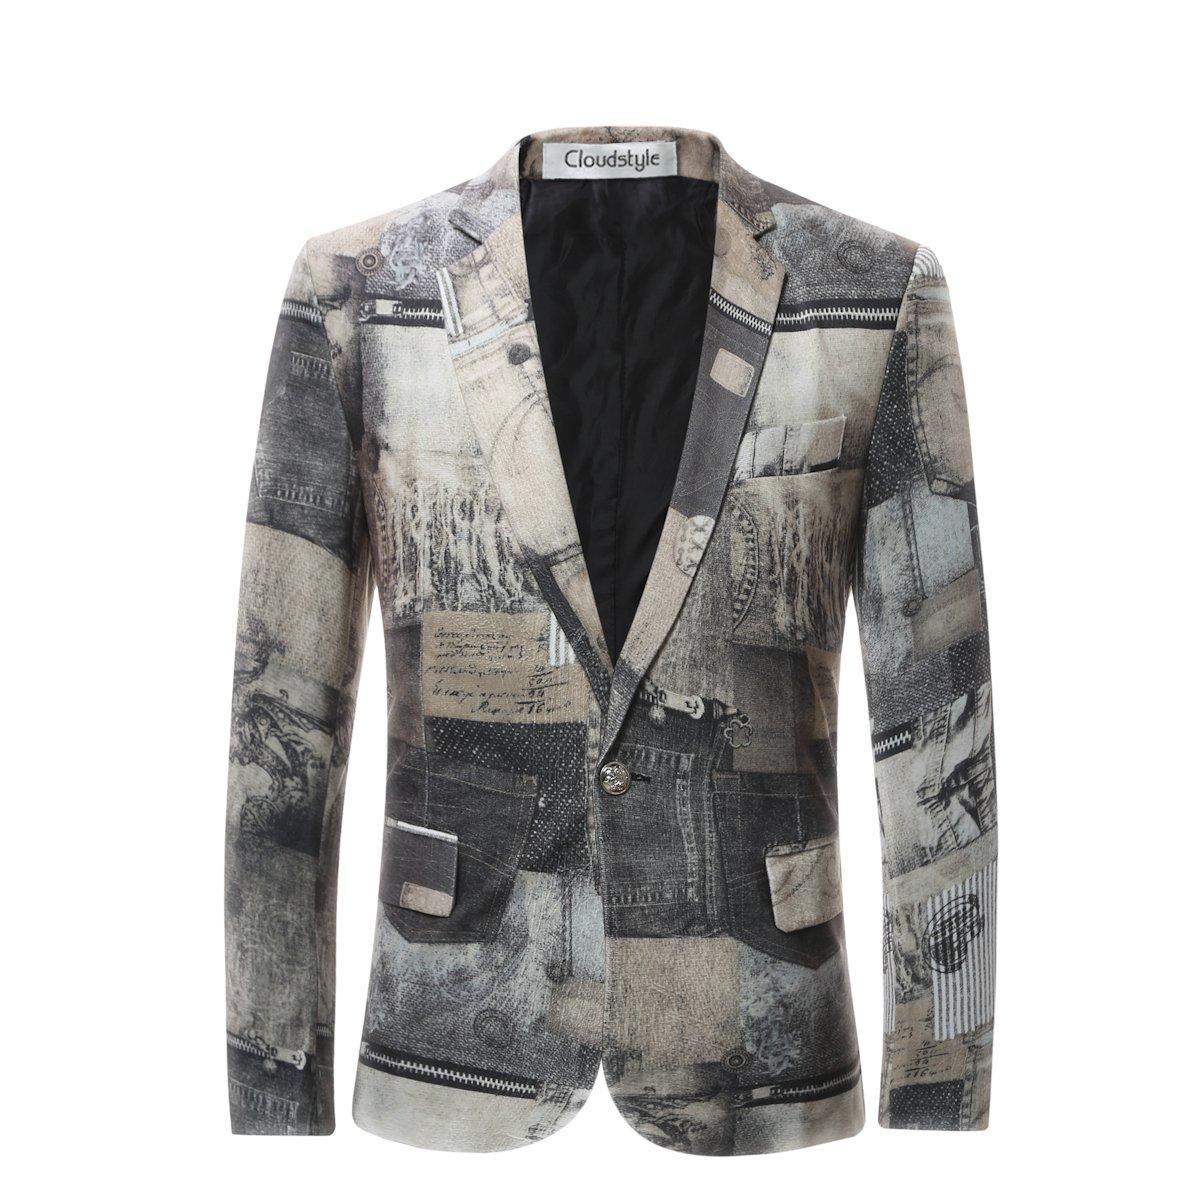 Cloudstyle Men's Suit Jacket Fashion Dress Blazer Slim Fit Outwear Coat